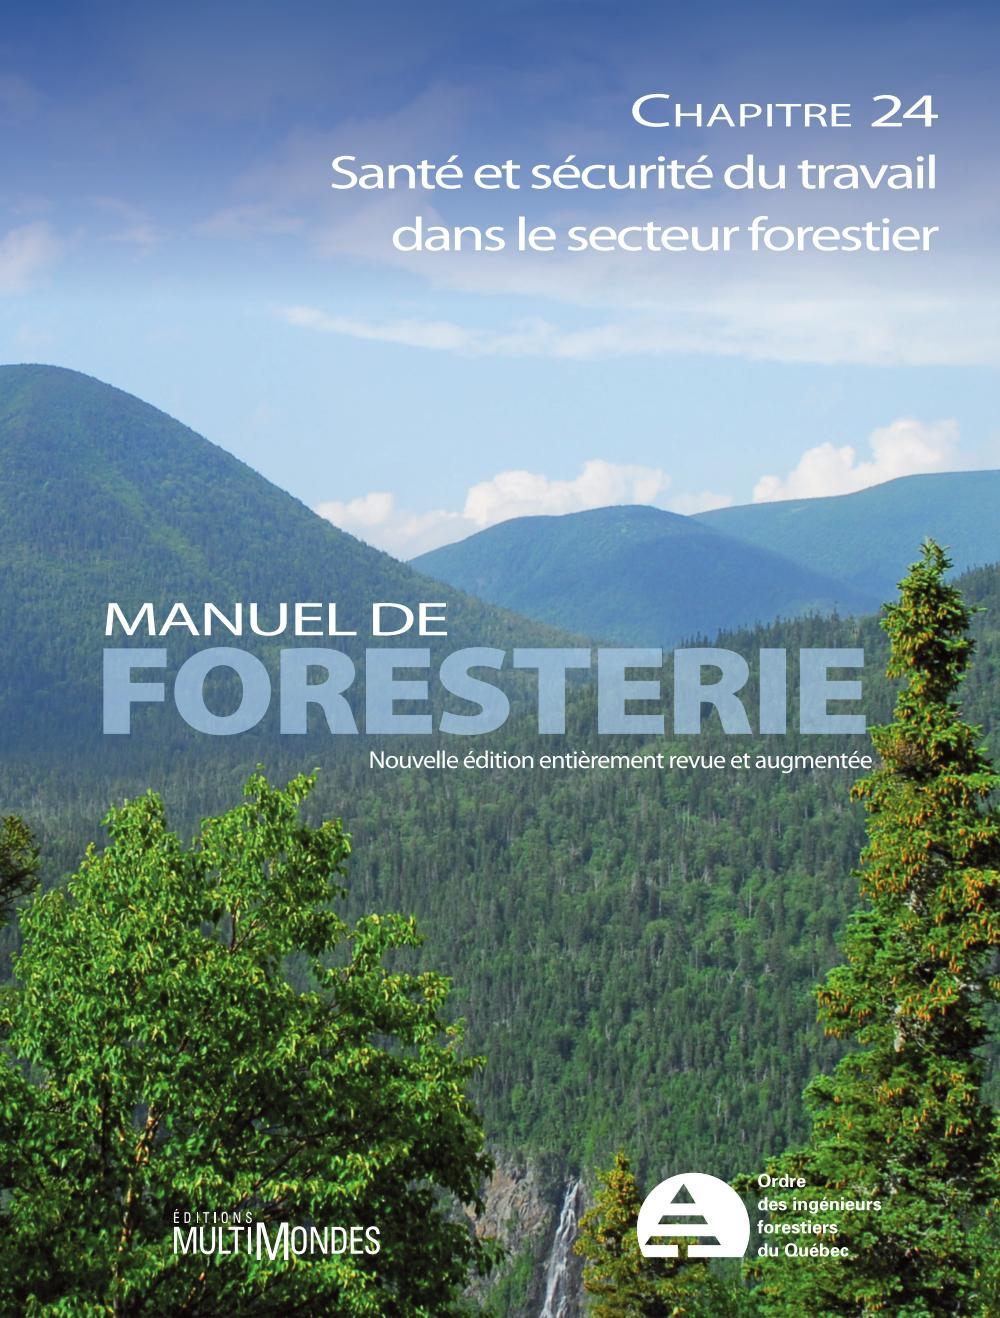 Manuel de foresterie, chapitre 24 – Santé et sécurité du travail dans le secteur forestier